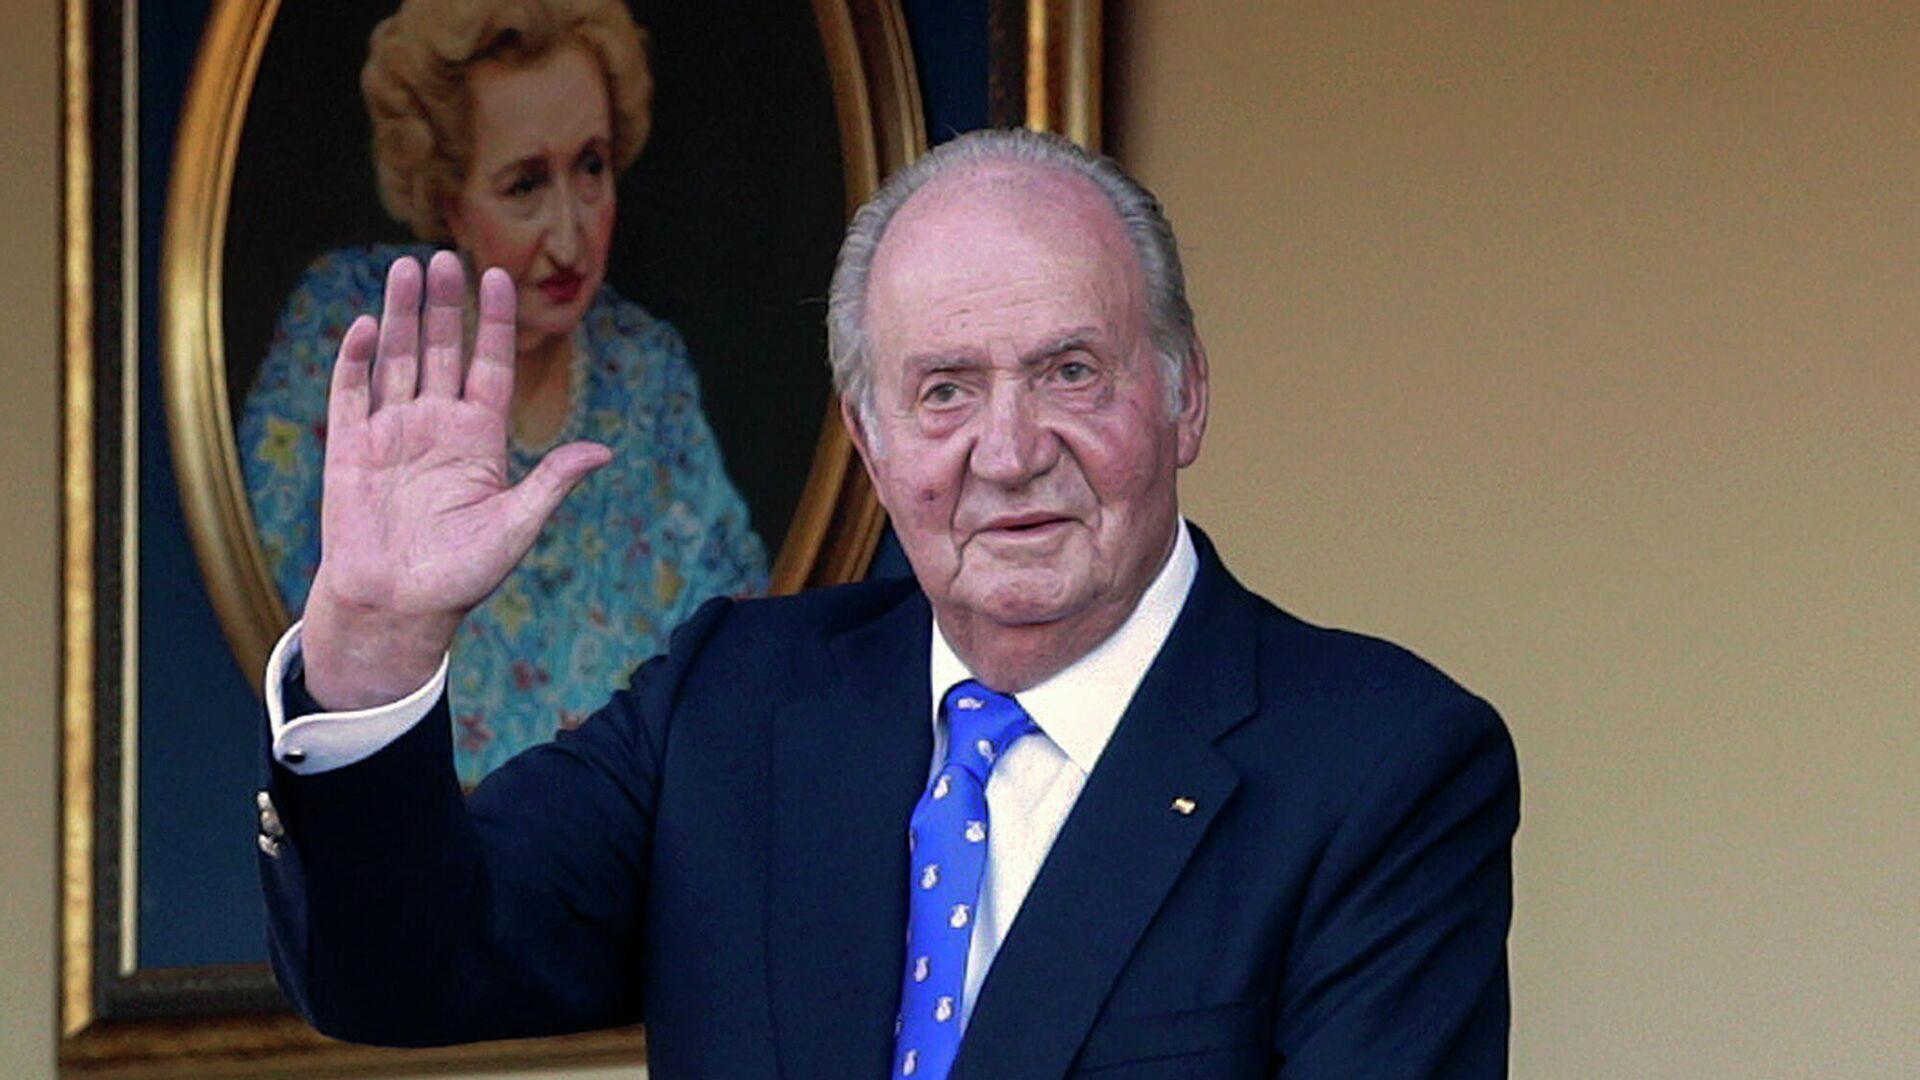 En esta fotografía de archivo del domingo 2 de junio de 2019, el rey emérito de España, Juan Carlos I, saluda durante una corrida de toros en la plaza de toros de Aranjuez, Madrid, España. - Sputnik Mundo, 1920, 26.02.2021